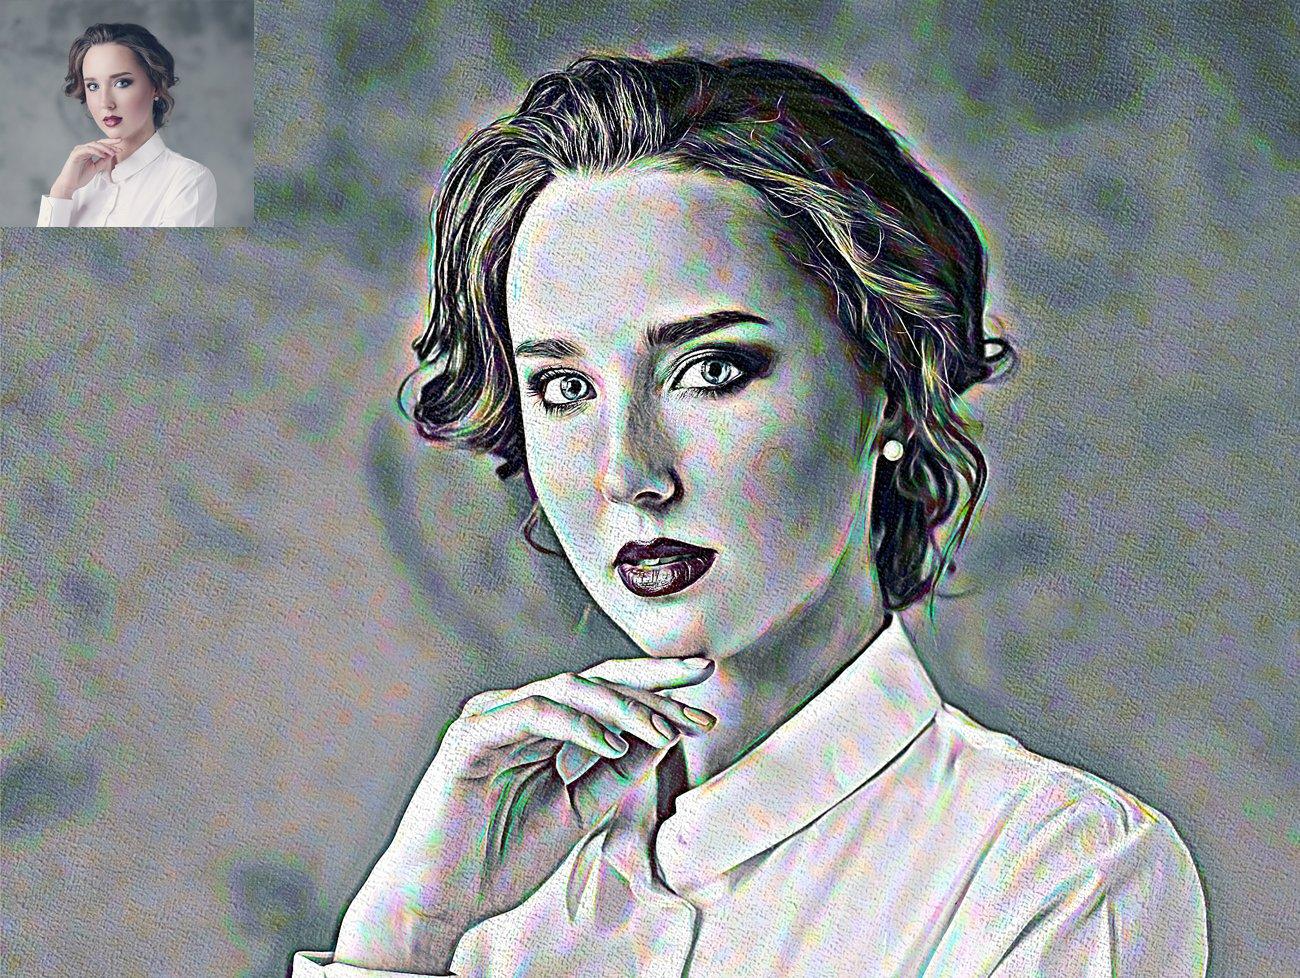 涂鸦艺术照片处理特效PS动作模板 Graffiti Art Photoshop Action插图11